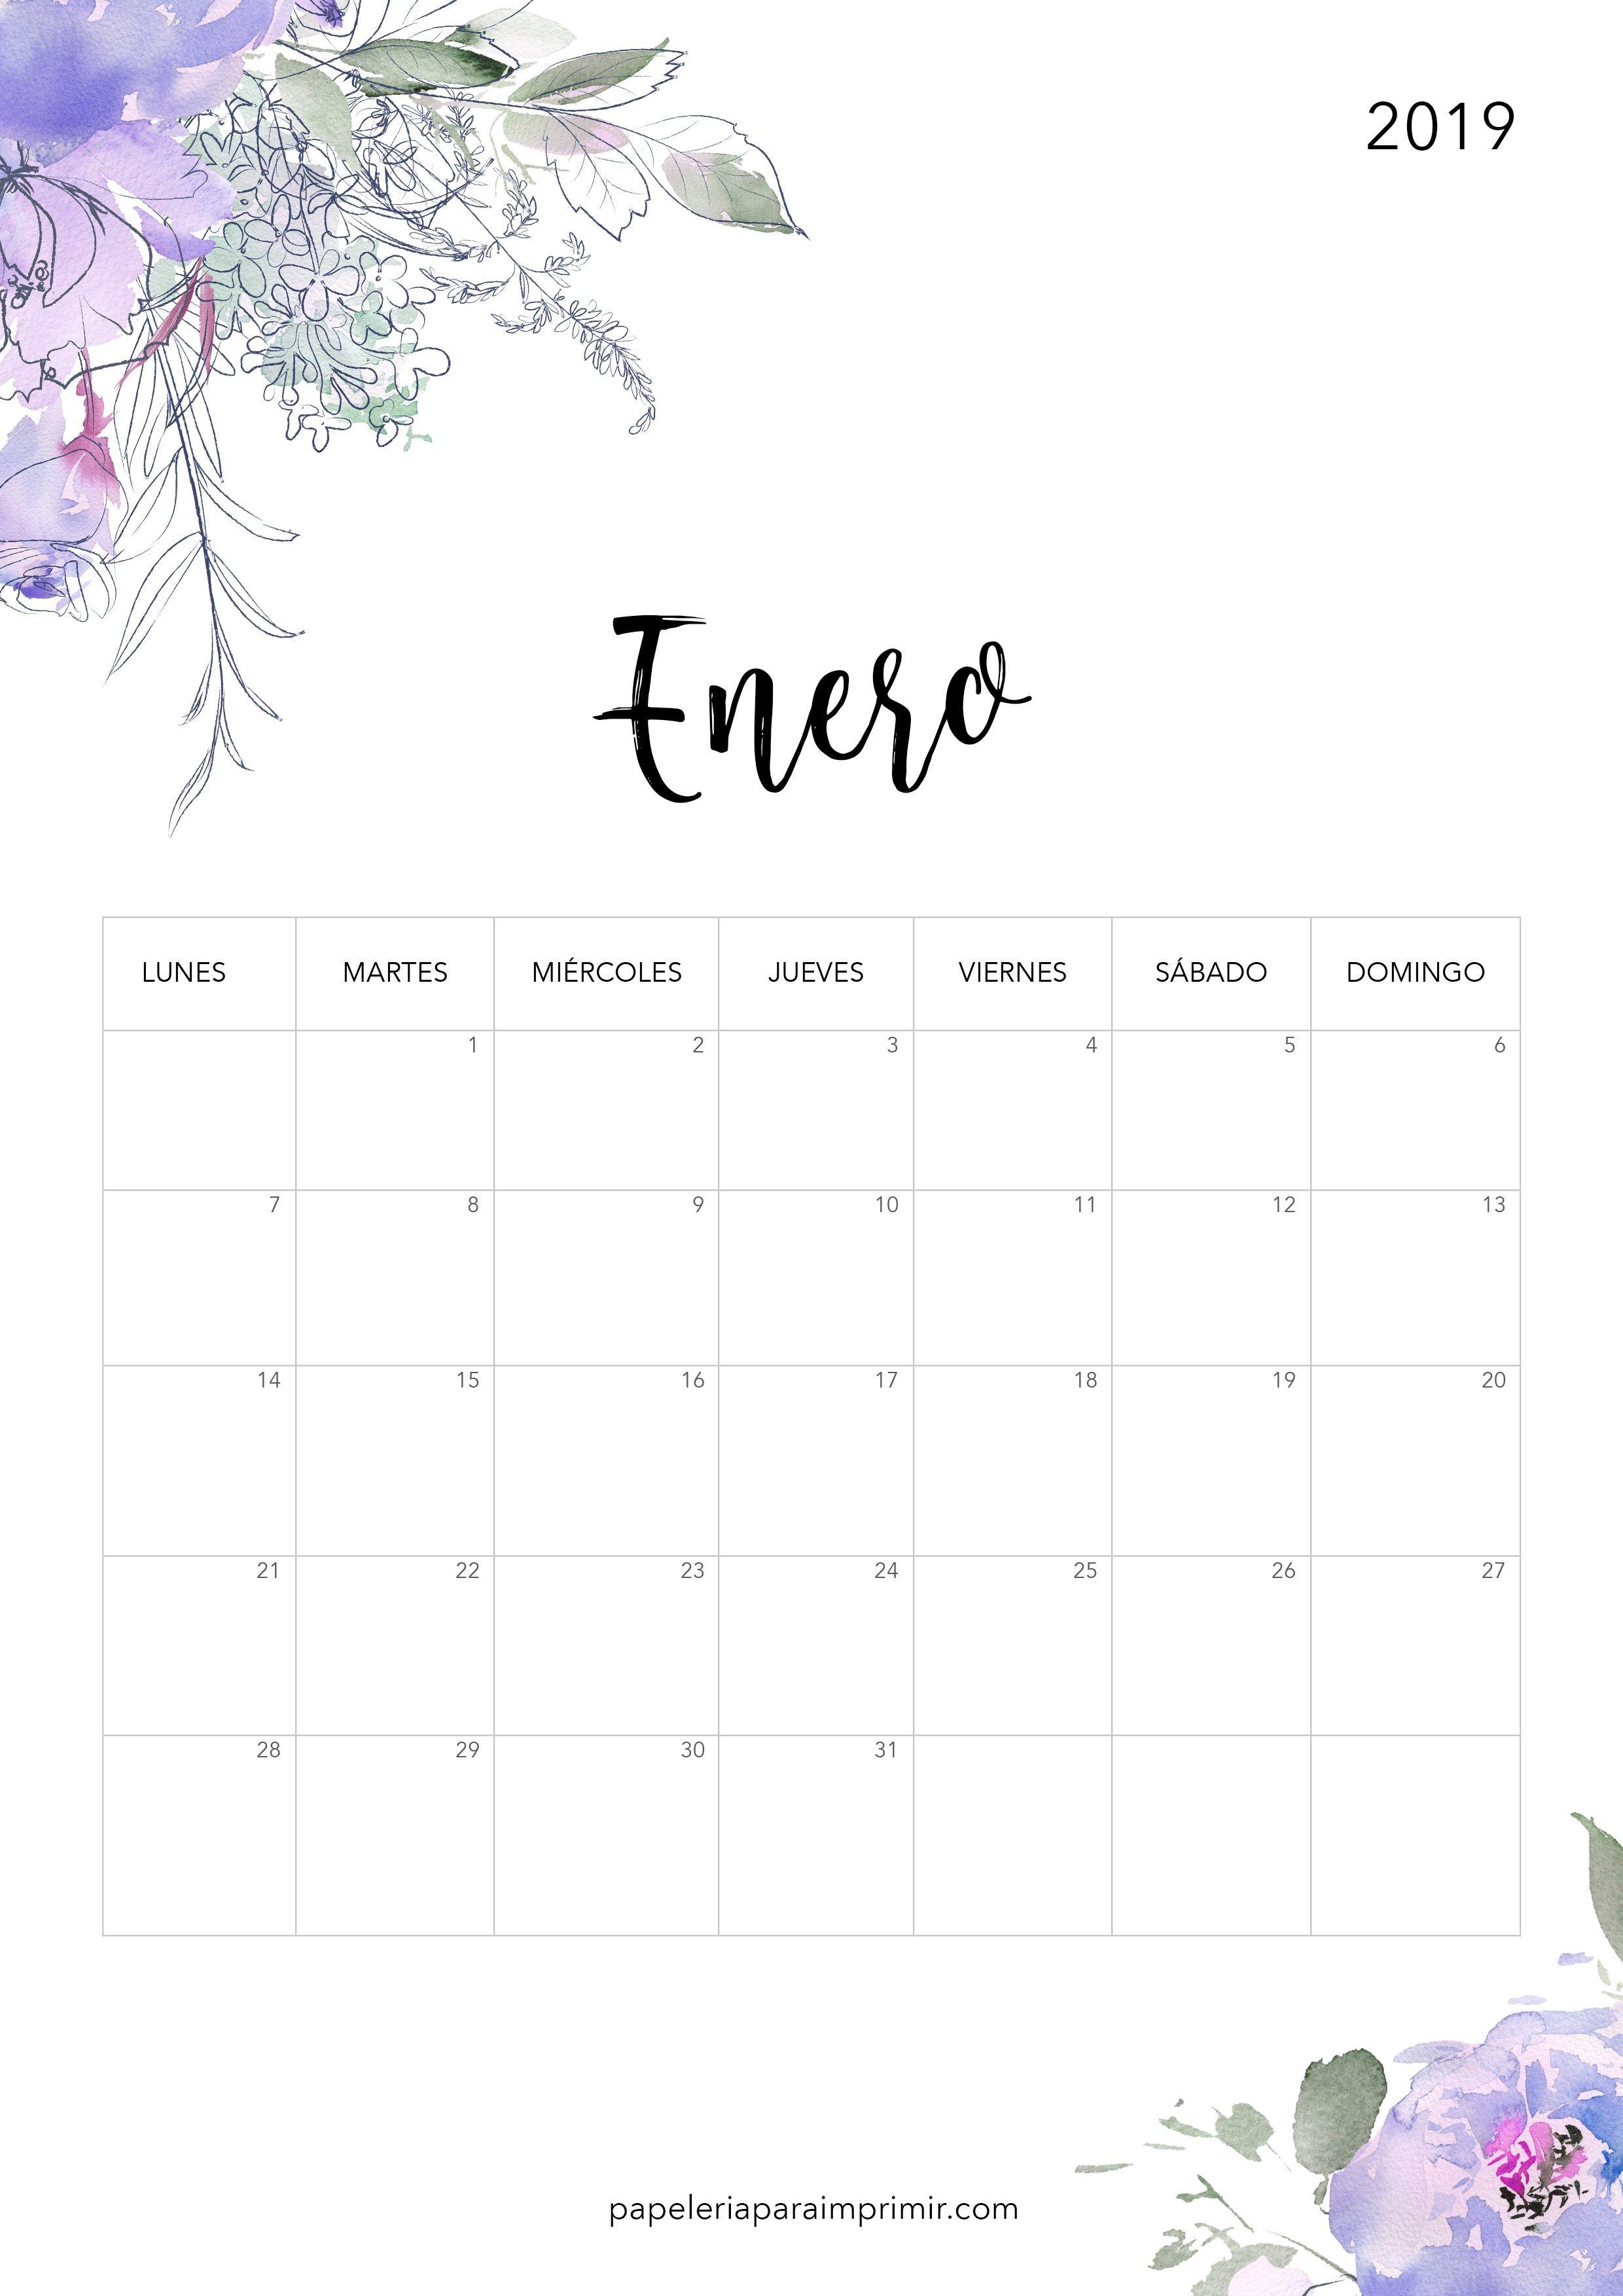 Calendario Mensual 2019 Para Imprimir Bonito Actual Calendario Para Imprimir 2019 Enero Calendario Imprimir Enero Of Calendario Mensual 2019 Para Imprimir Bonito Recientes Pin De Calendario Hispano En Calendario Con Feriados A±o 2019